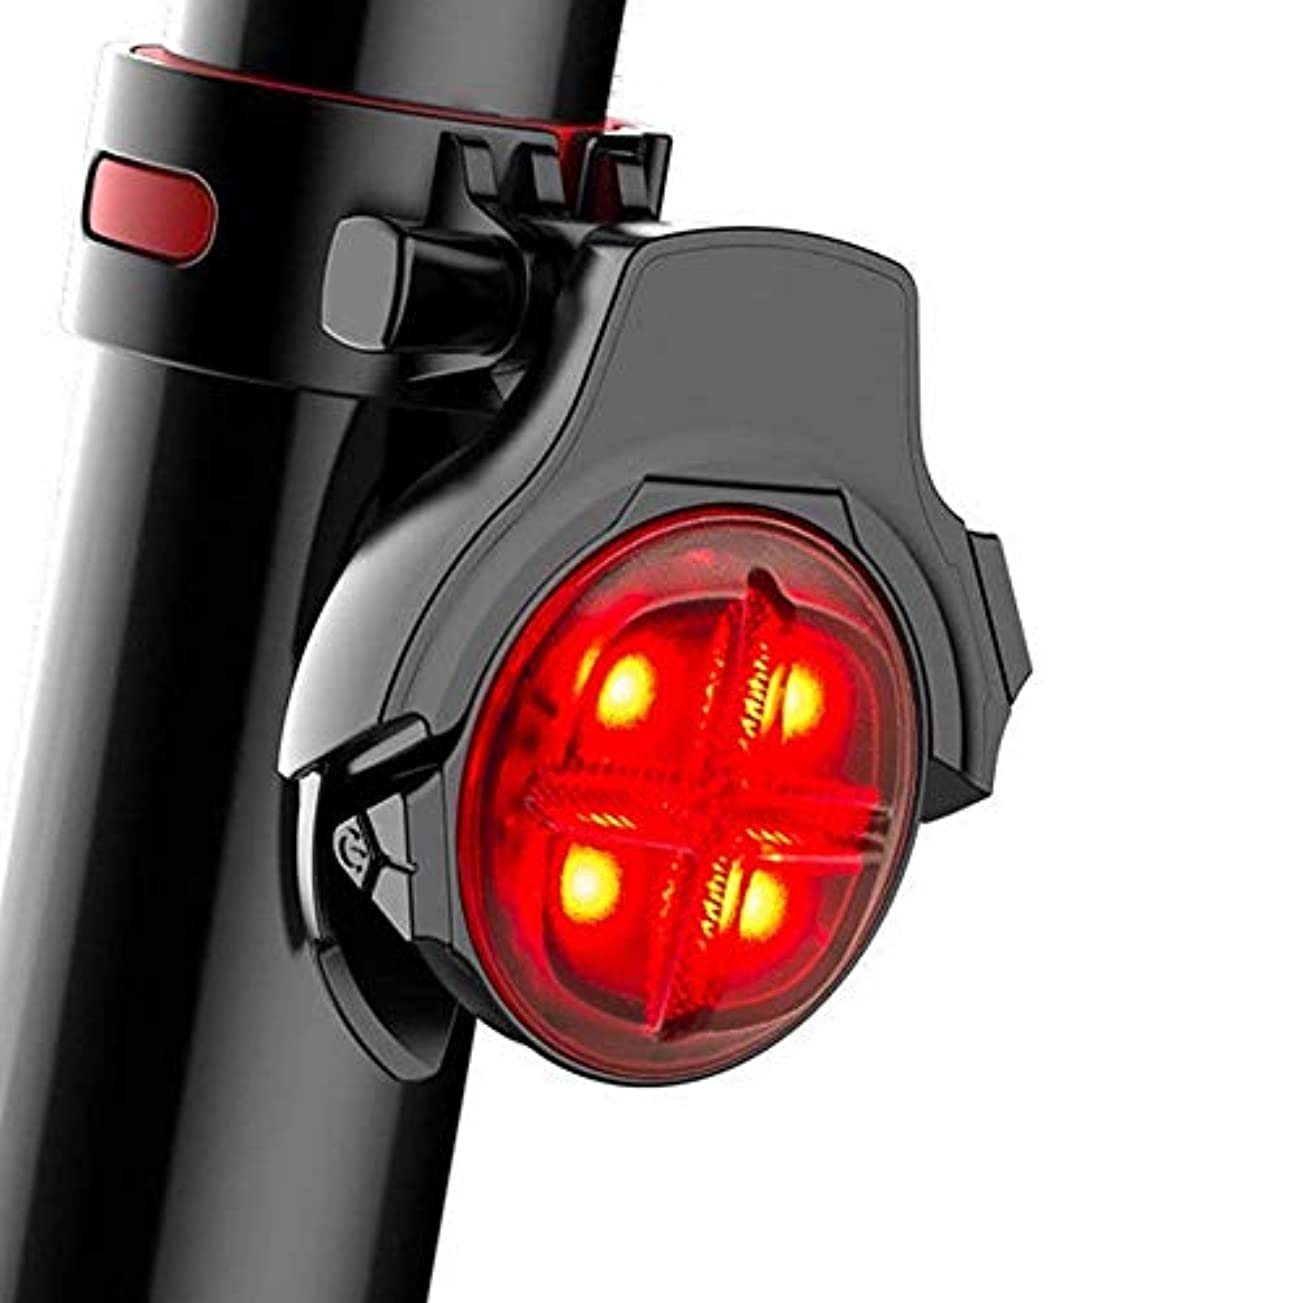 旋回和らげる証拠防水テールライト、USB充電式強力なスマートバイクテールライトは、ブレーキを感知するとLEDライトを点灯させる自転車のテールライト、自転車の後ろにライトをマウントする